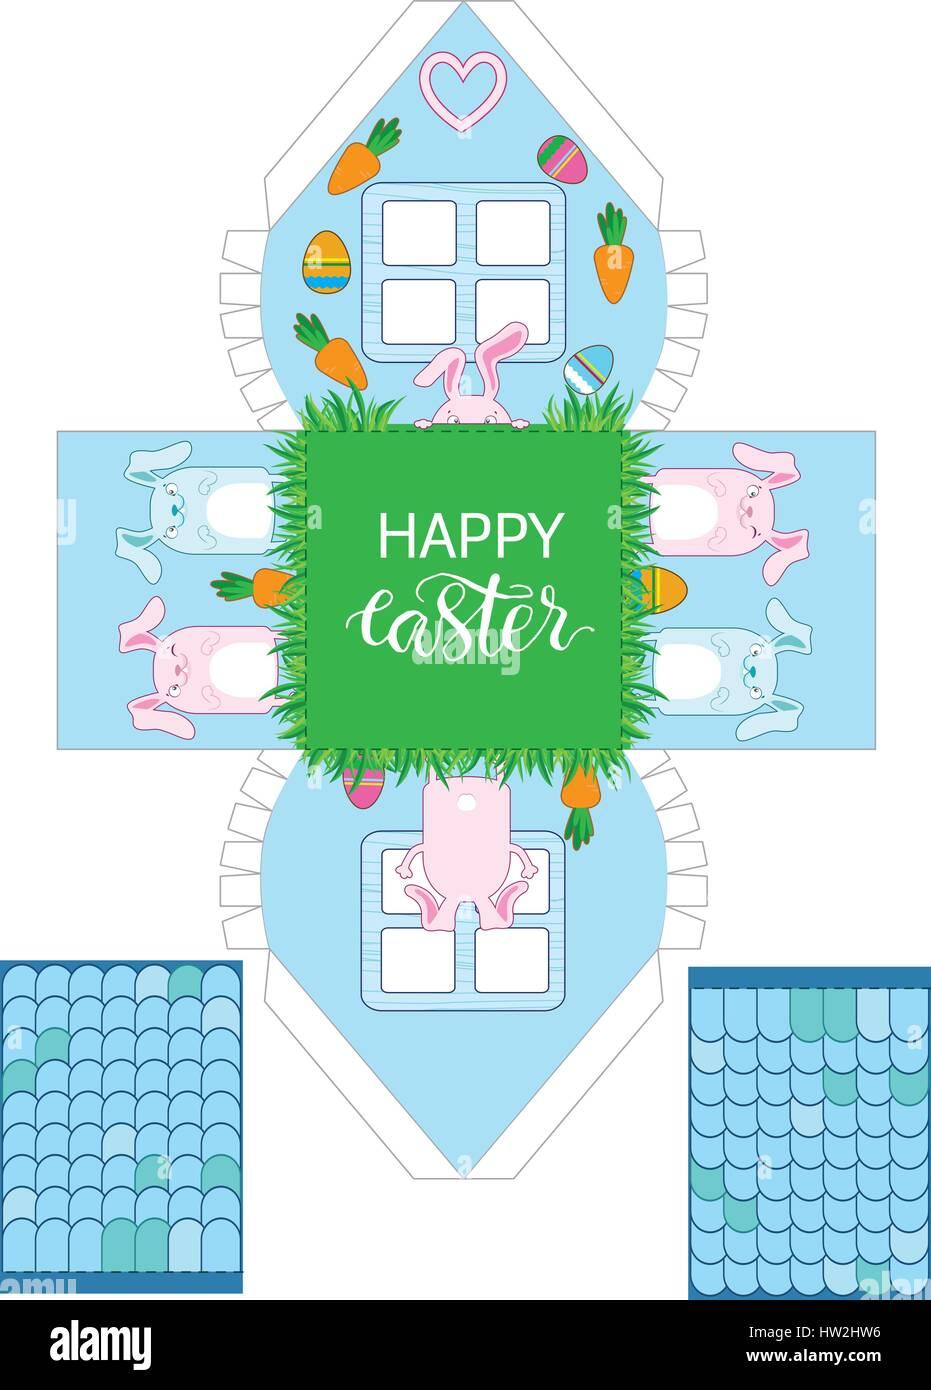 Druckbare Geschenk Ostern Haus Mit Banny Eiern Und Karotten Ostern